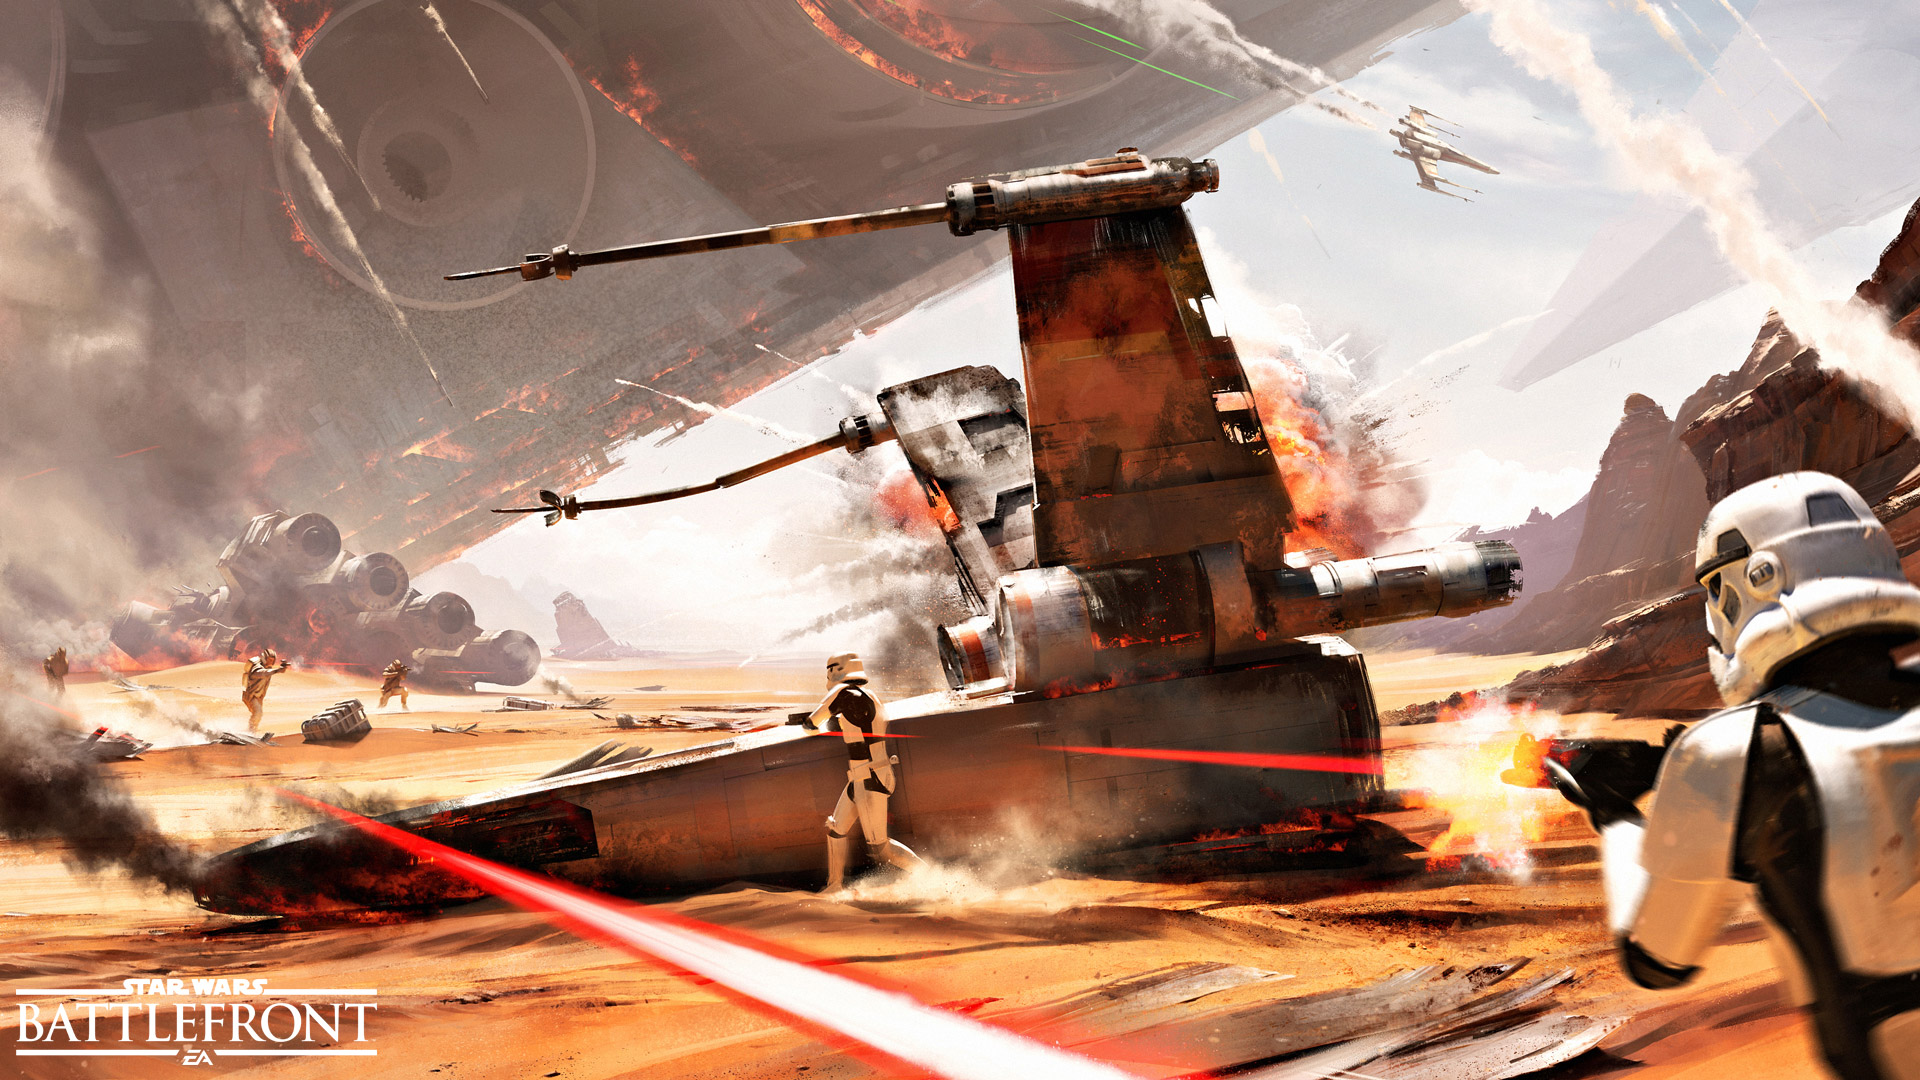 Battle Of Jakku Star Wars Battlefront Hd Wallpaper